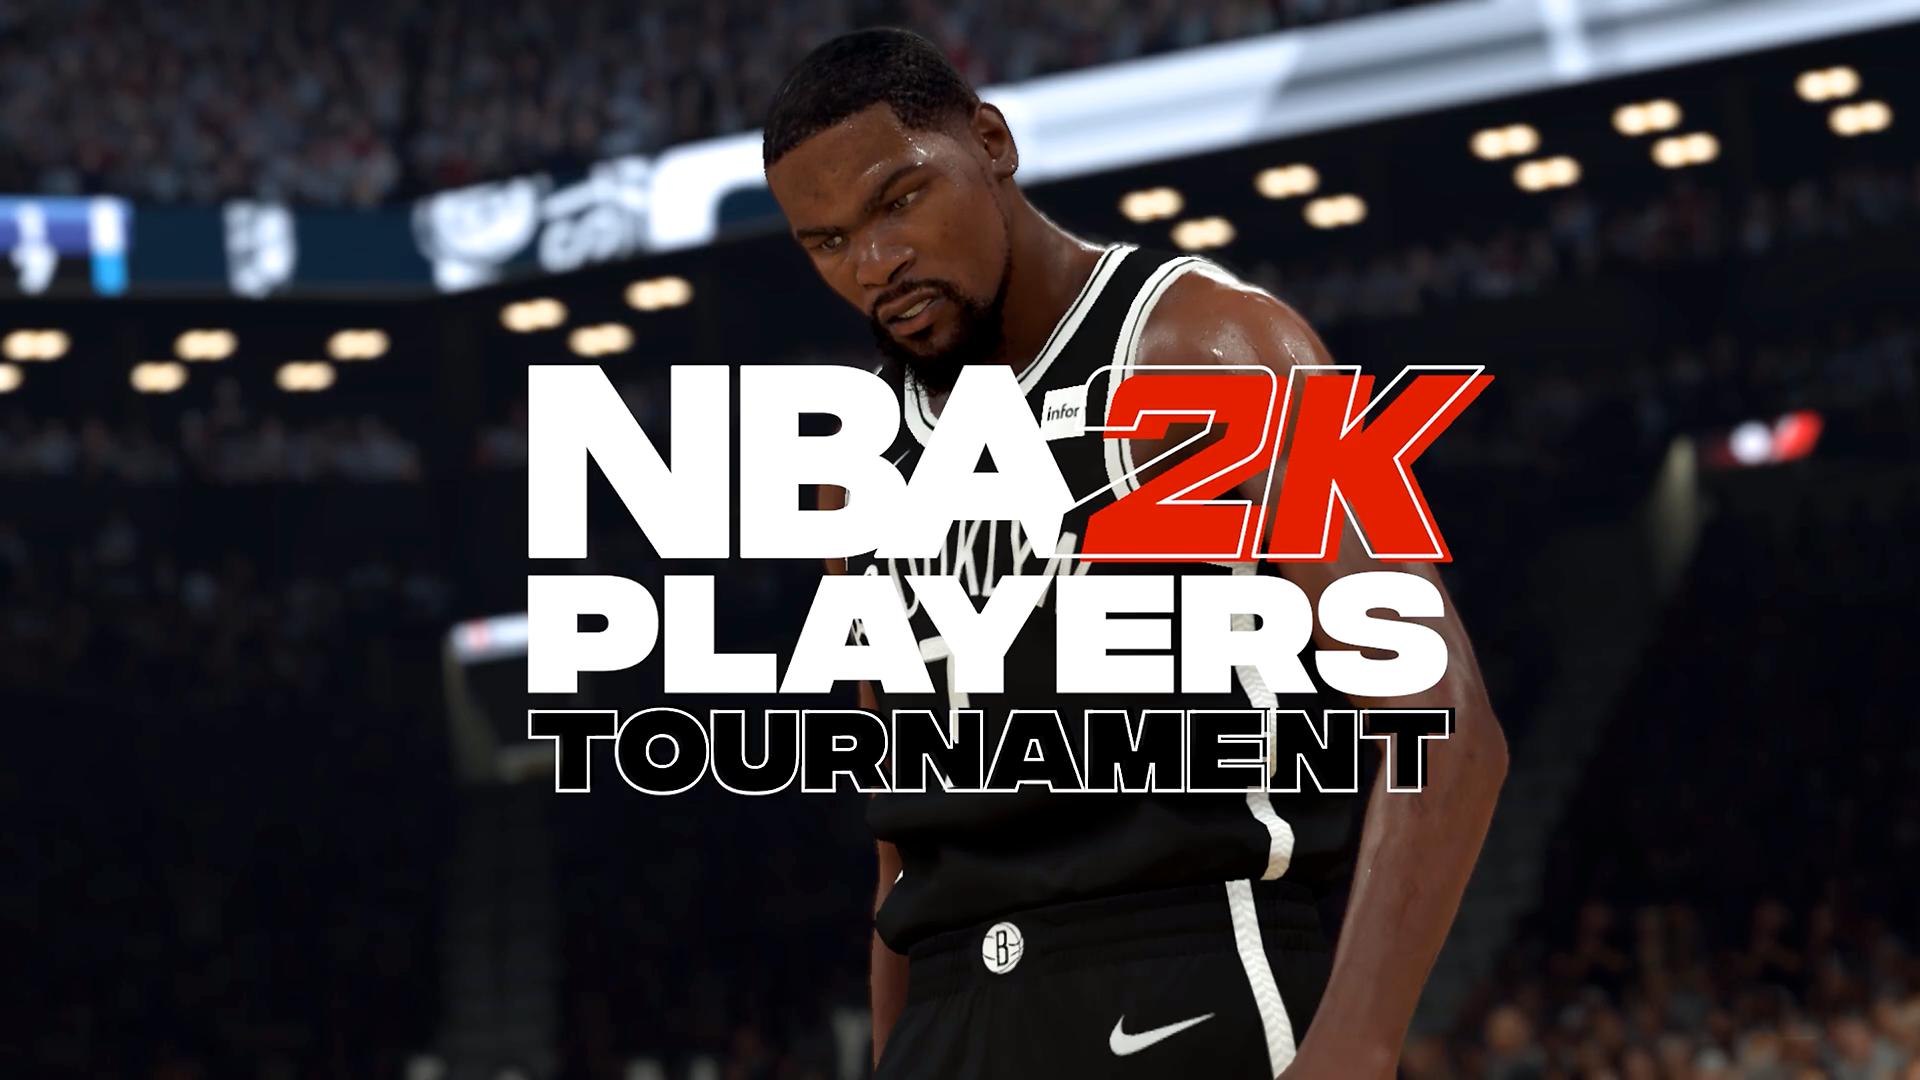 Grupo de torneos 'NBA 2K': transmisión en vivo y resultados de cada partido durante el Torneo de jugadores de ESPN 42